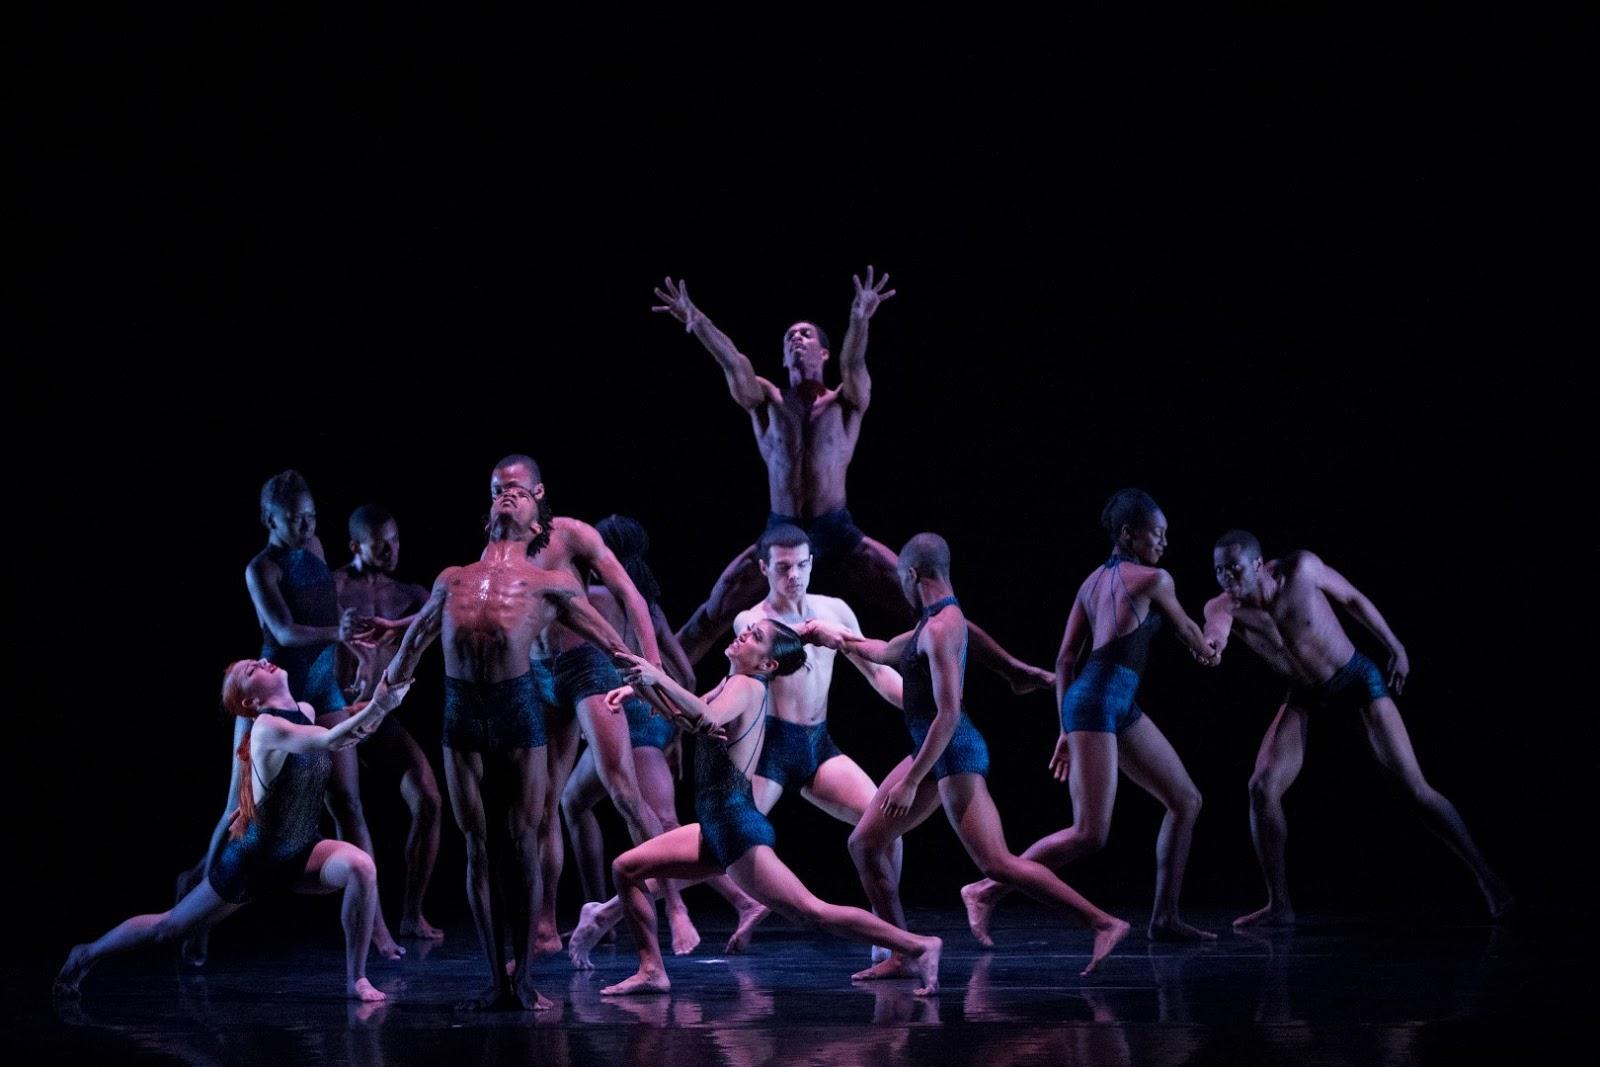 Cr ticas la alvin ailey ii abre la 35 temporada de danza - La mickey danza ...